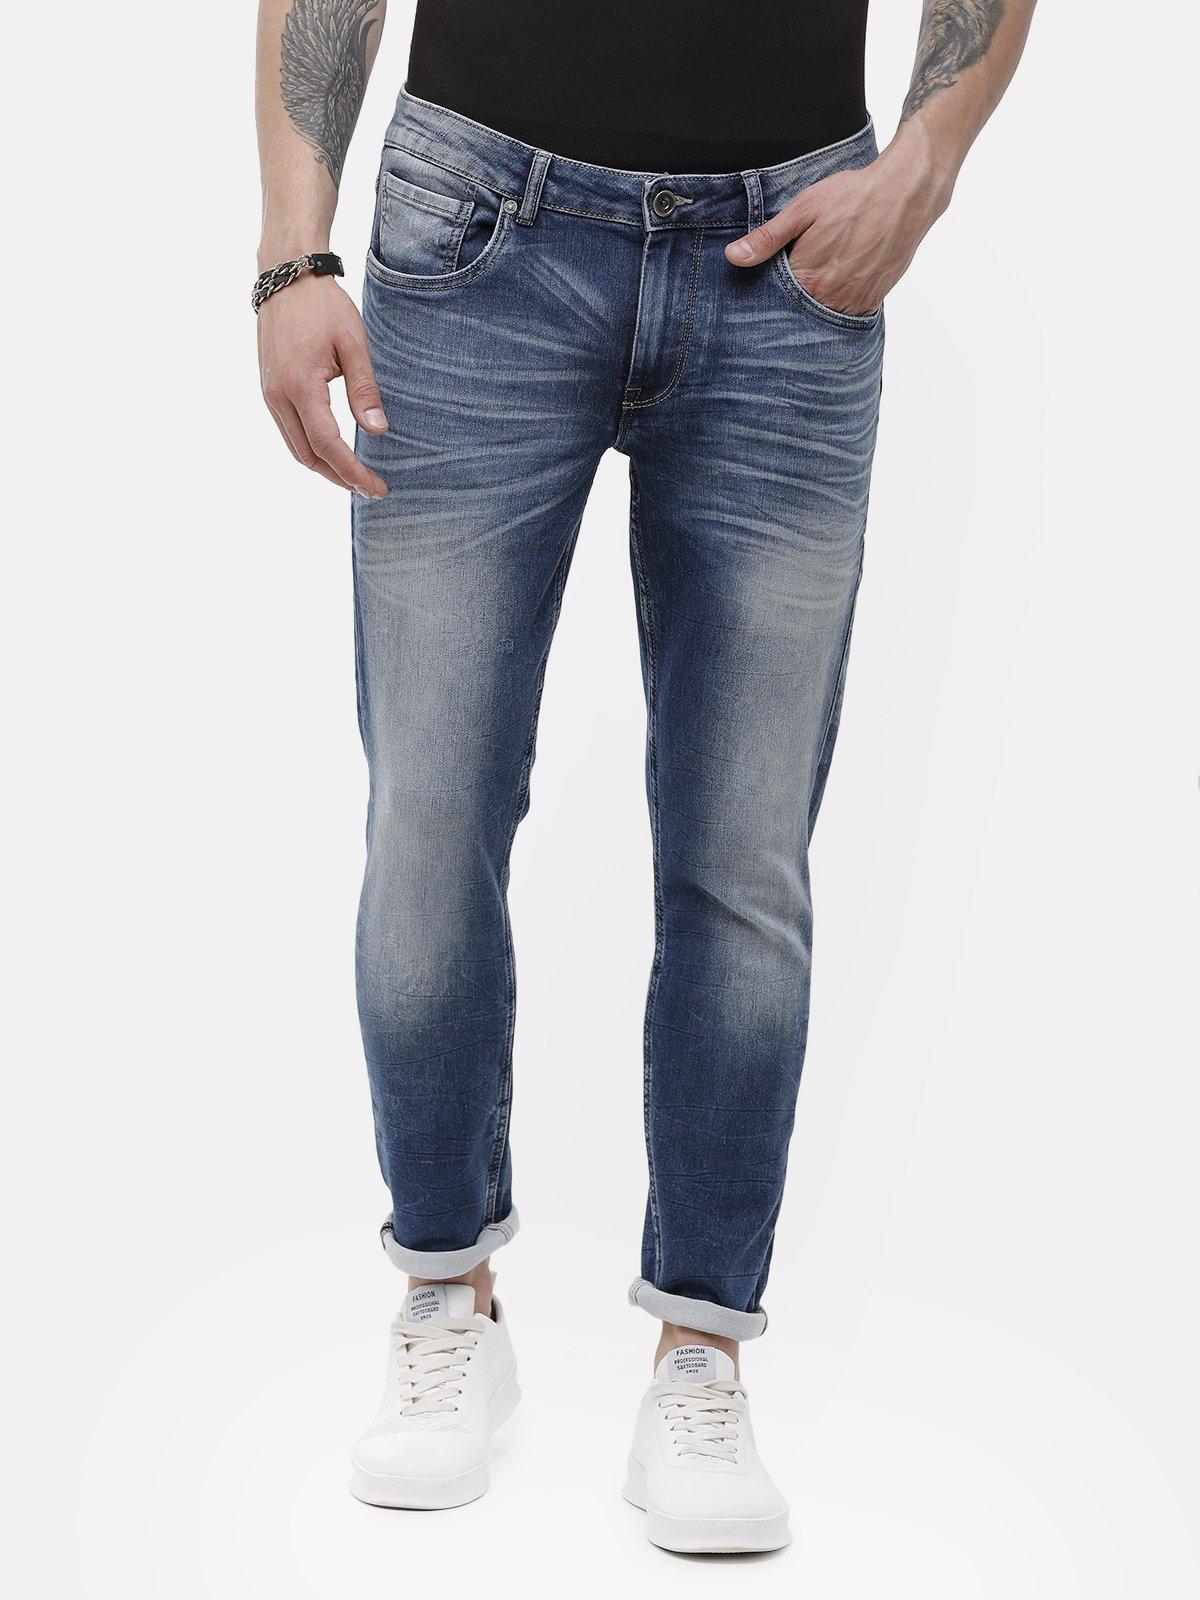 Voi Jeans | Mid Blue Jeans (VOJN1352)